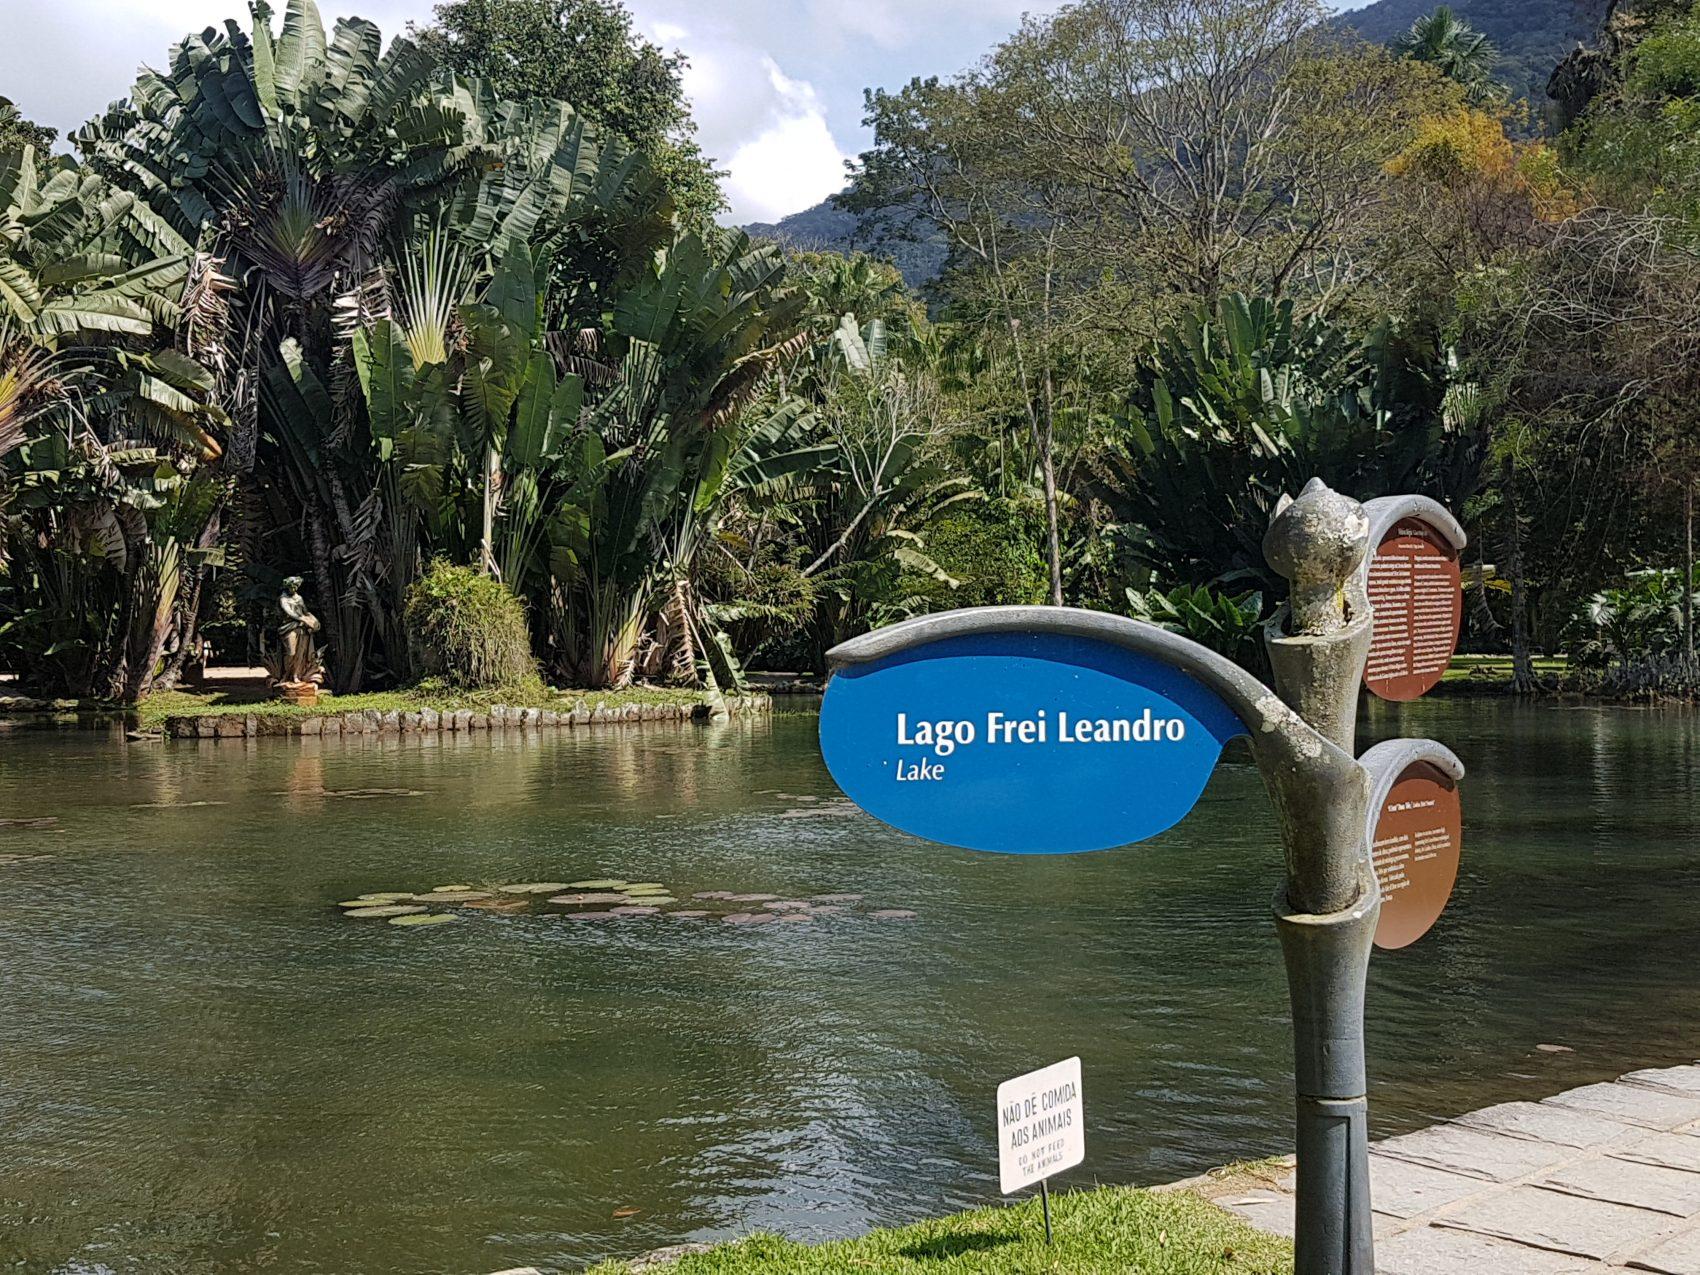 O lago artificial Frei Leandro, em homenagem à figura essencial para o desenvolvimento do Jardim Botânico (Foto Oscar Valporto)